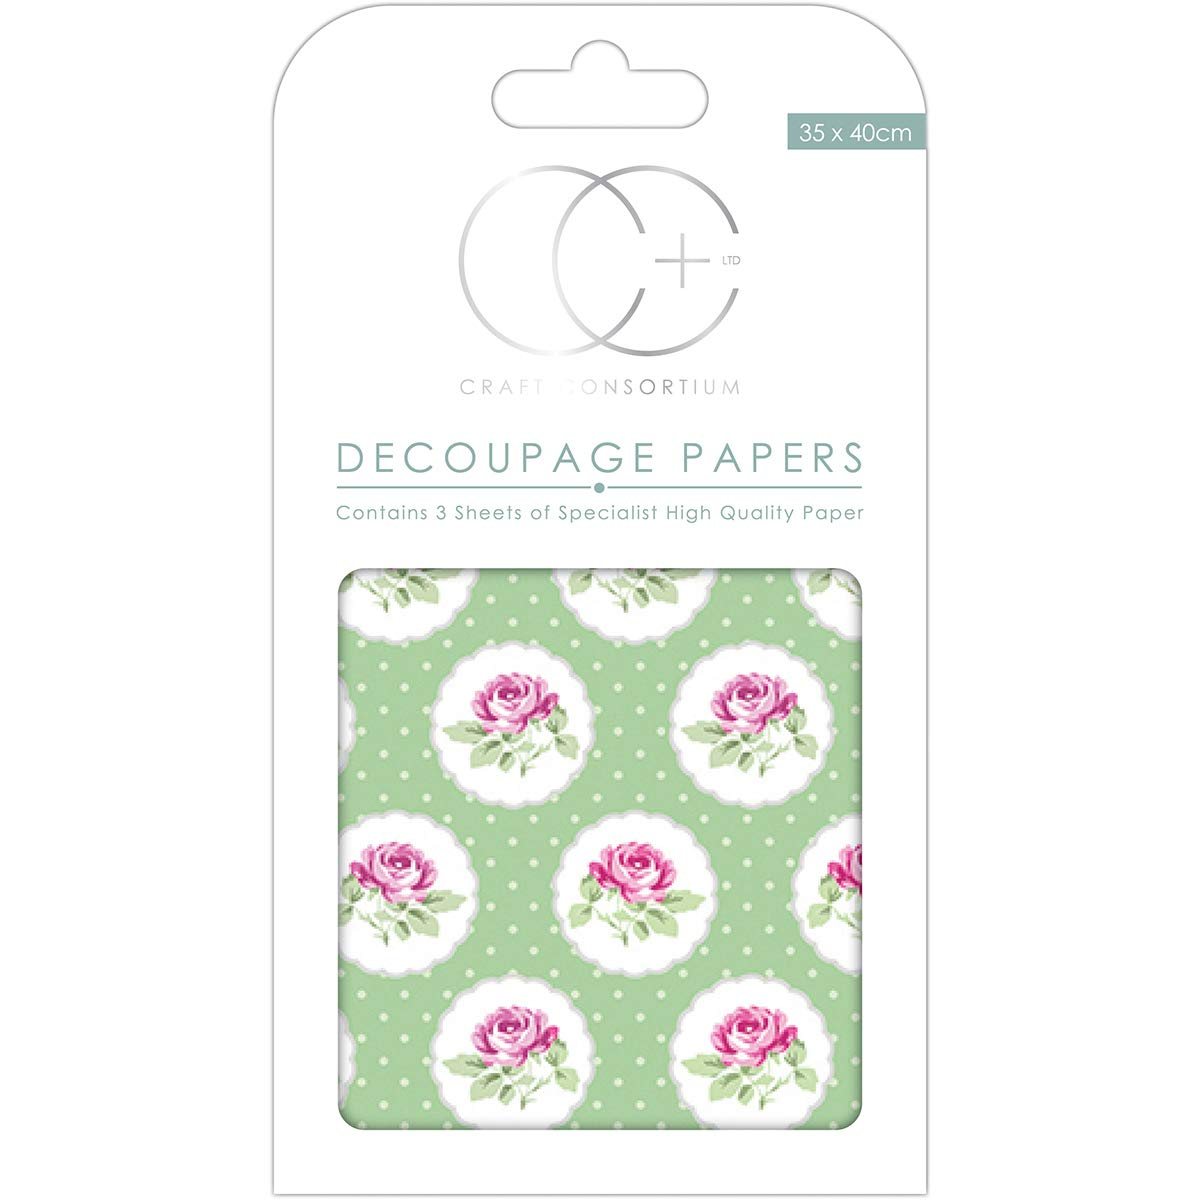 34 x 40 cm 3 Packungen Wildblumenwiese Craft Consortium DECP313 Decoupage-Papier